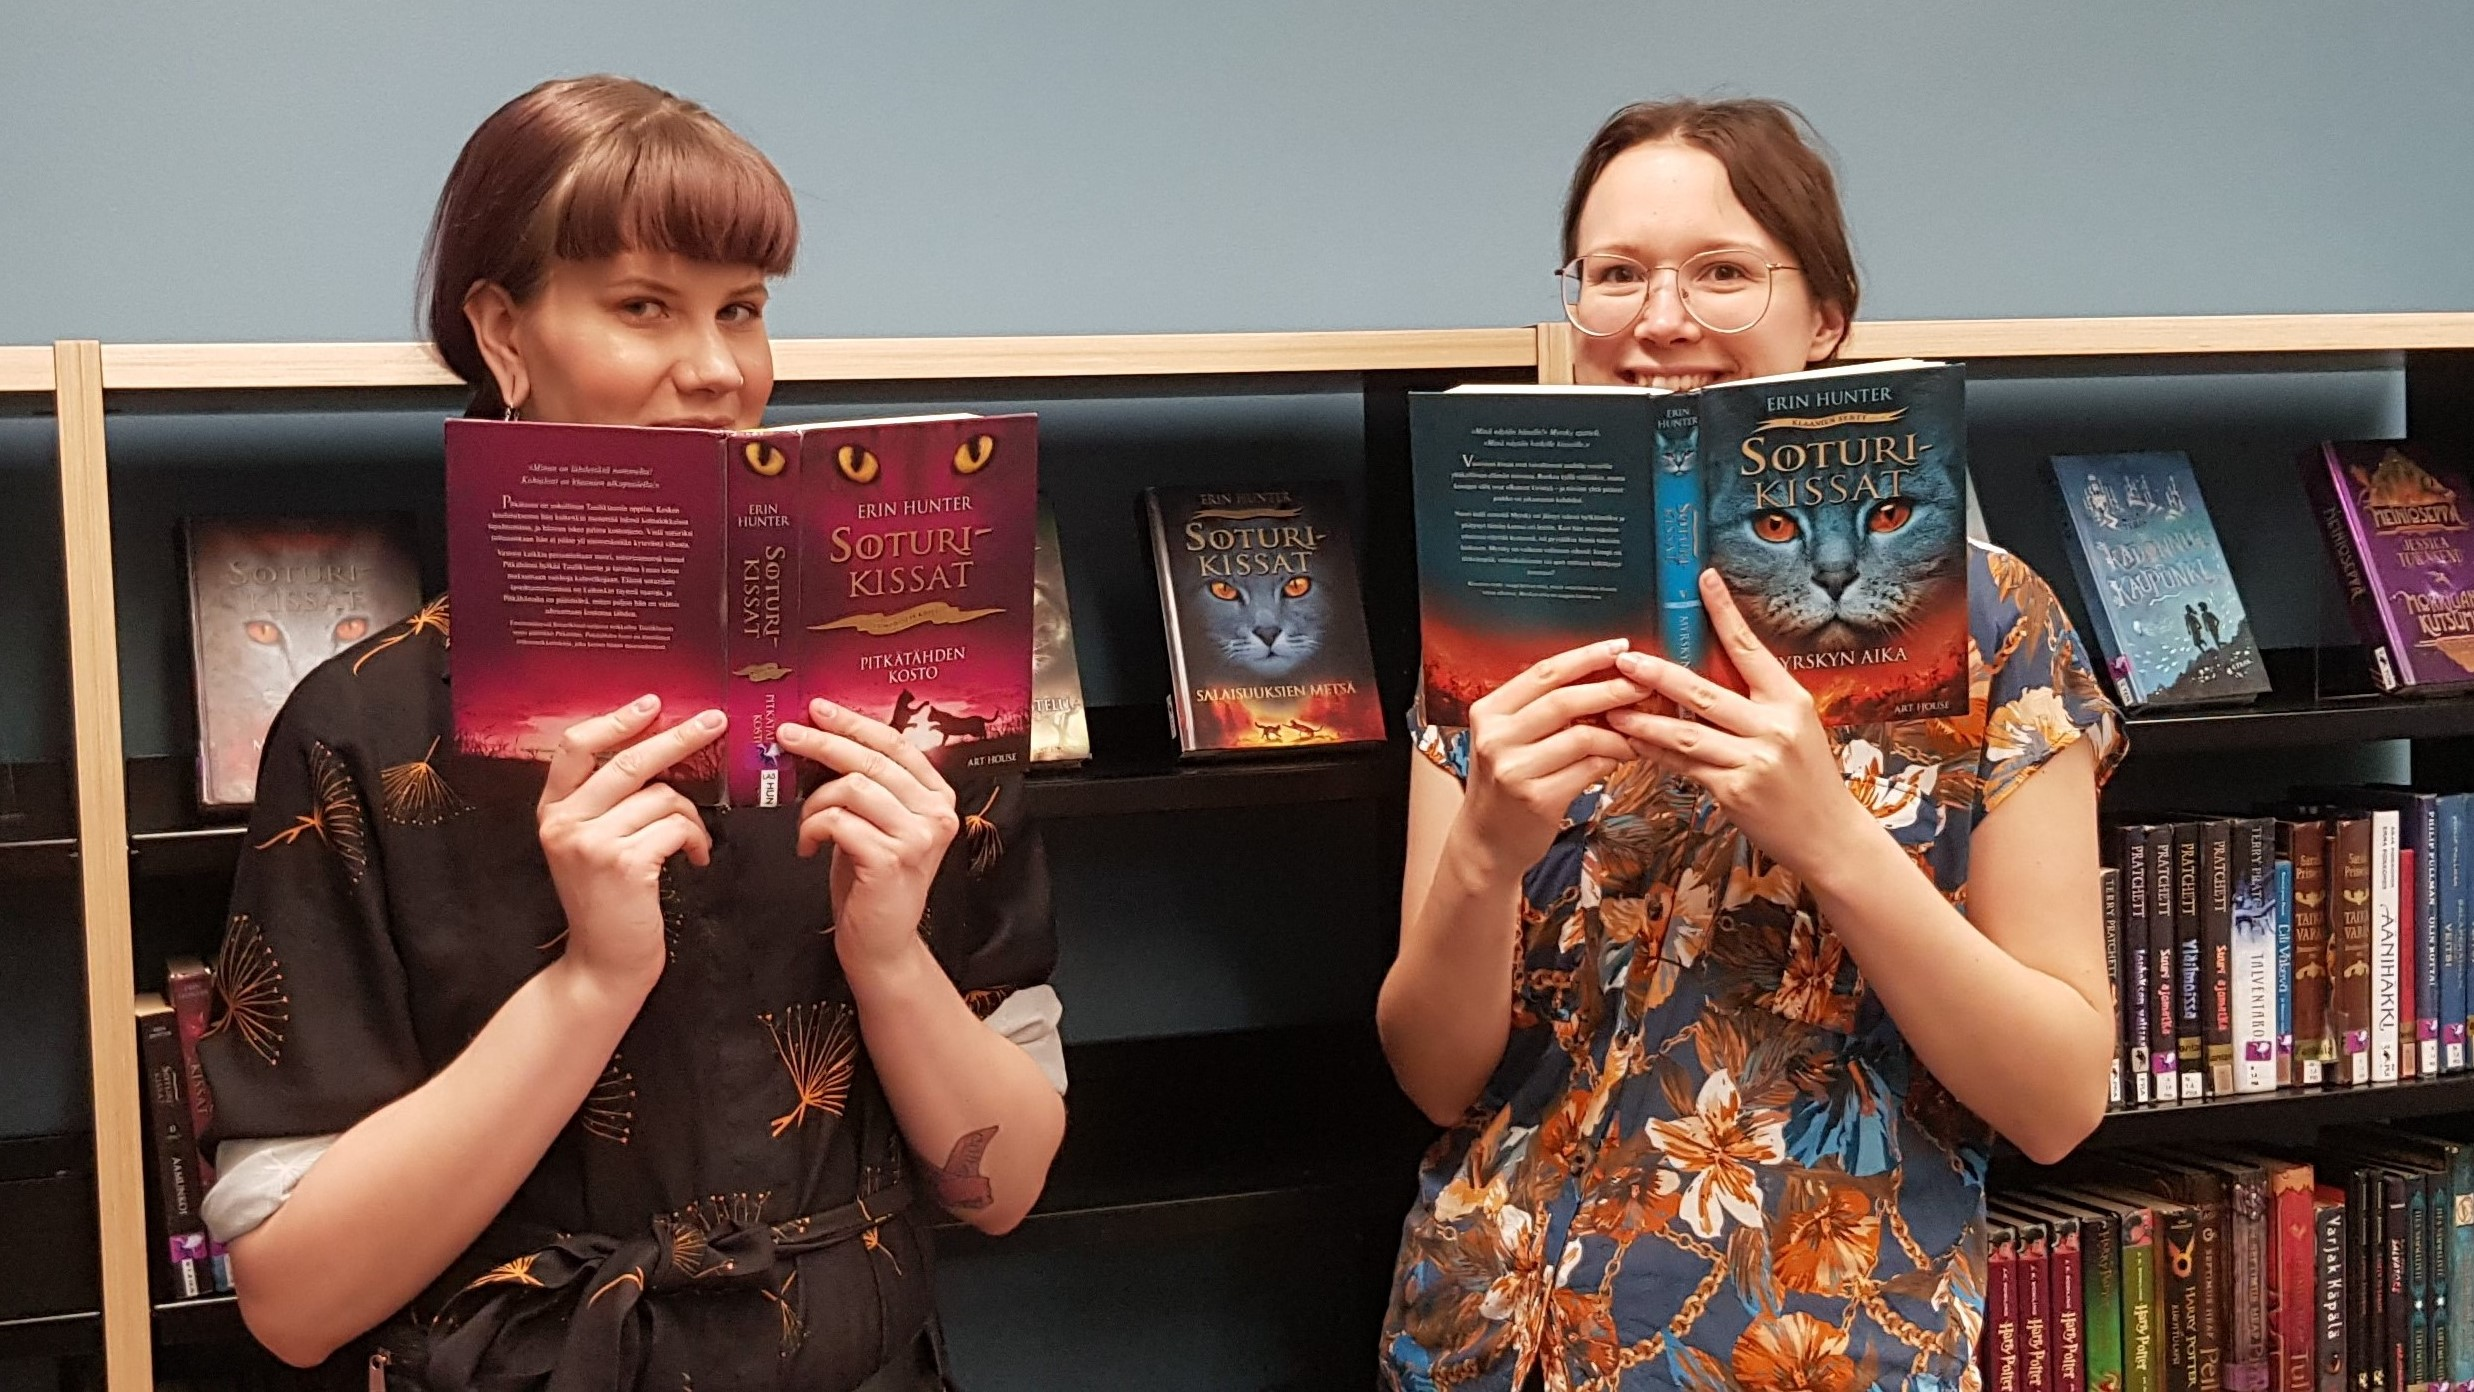 Kaksi nuorta naista seisoo kirjahyllyn edessä. Molemmilla on käsissään Soturikissat-kirjasarjan osa. Kirja peittää naisten kasvojen alaosan.